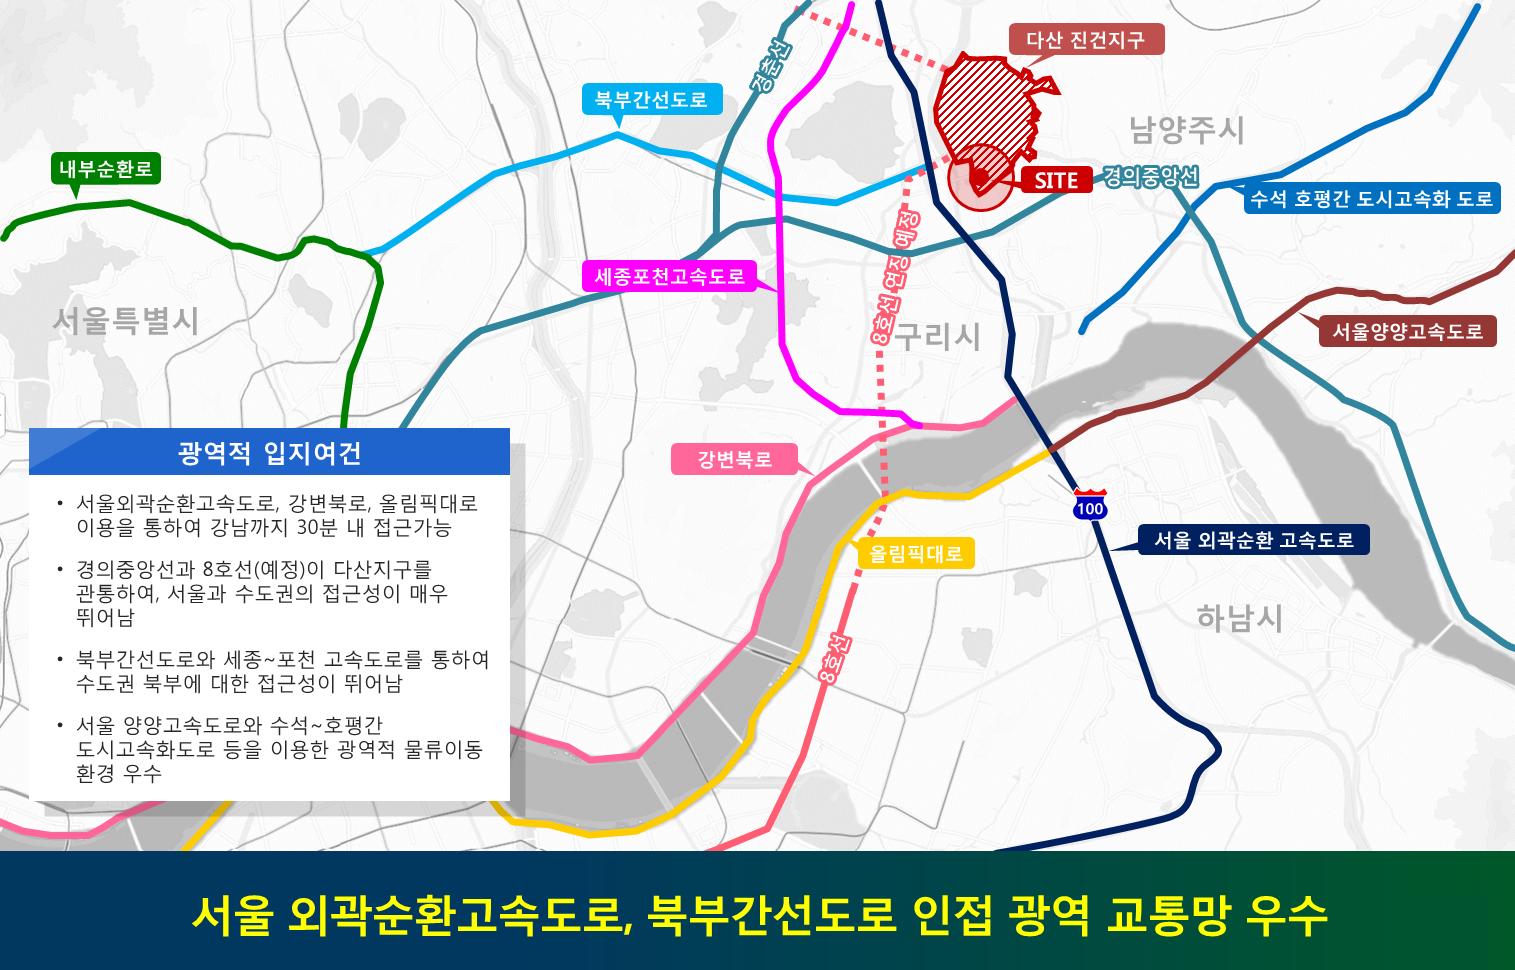 서울 외곽순환고속도로, 북부간선도로 인접 광역 교통망 우수